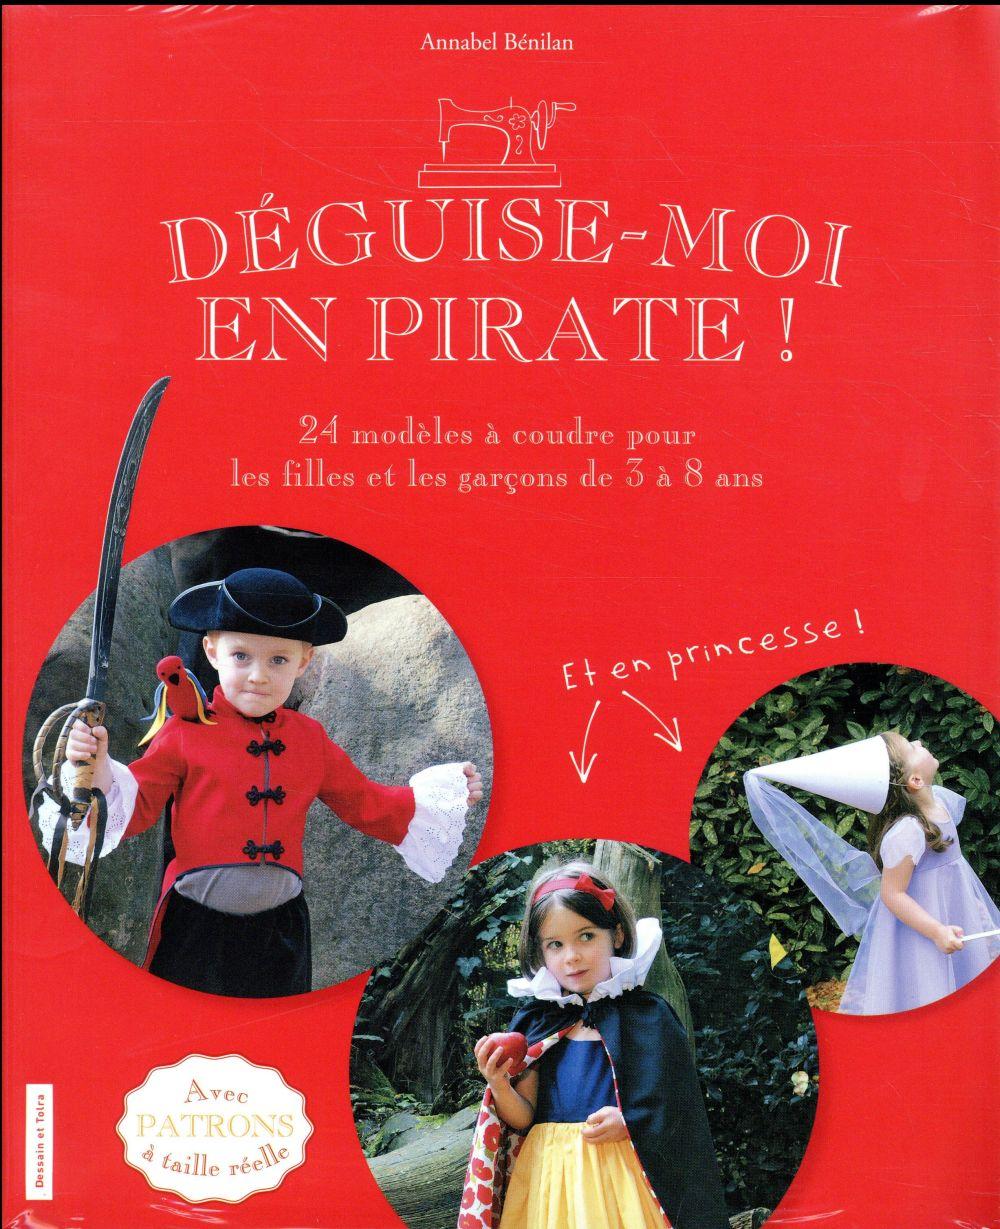 DEGUISE-MOI EN PIRATE ! - 24 MODELES A COUDRE POUR LES FILLES ET LES GARCONS DE 3 A 8 ANS